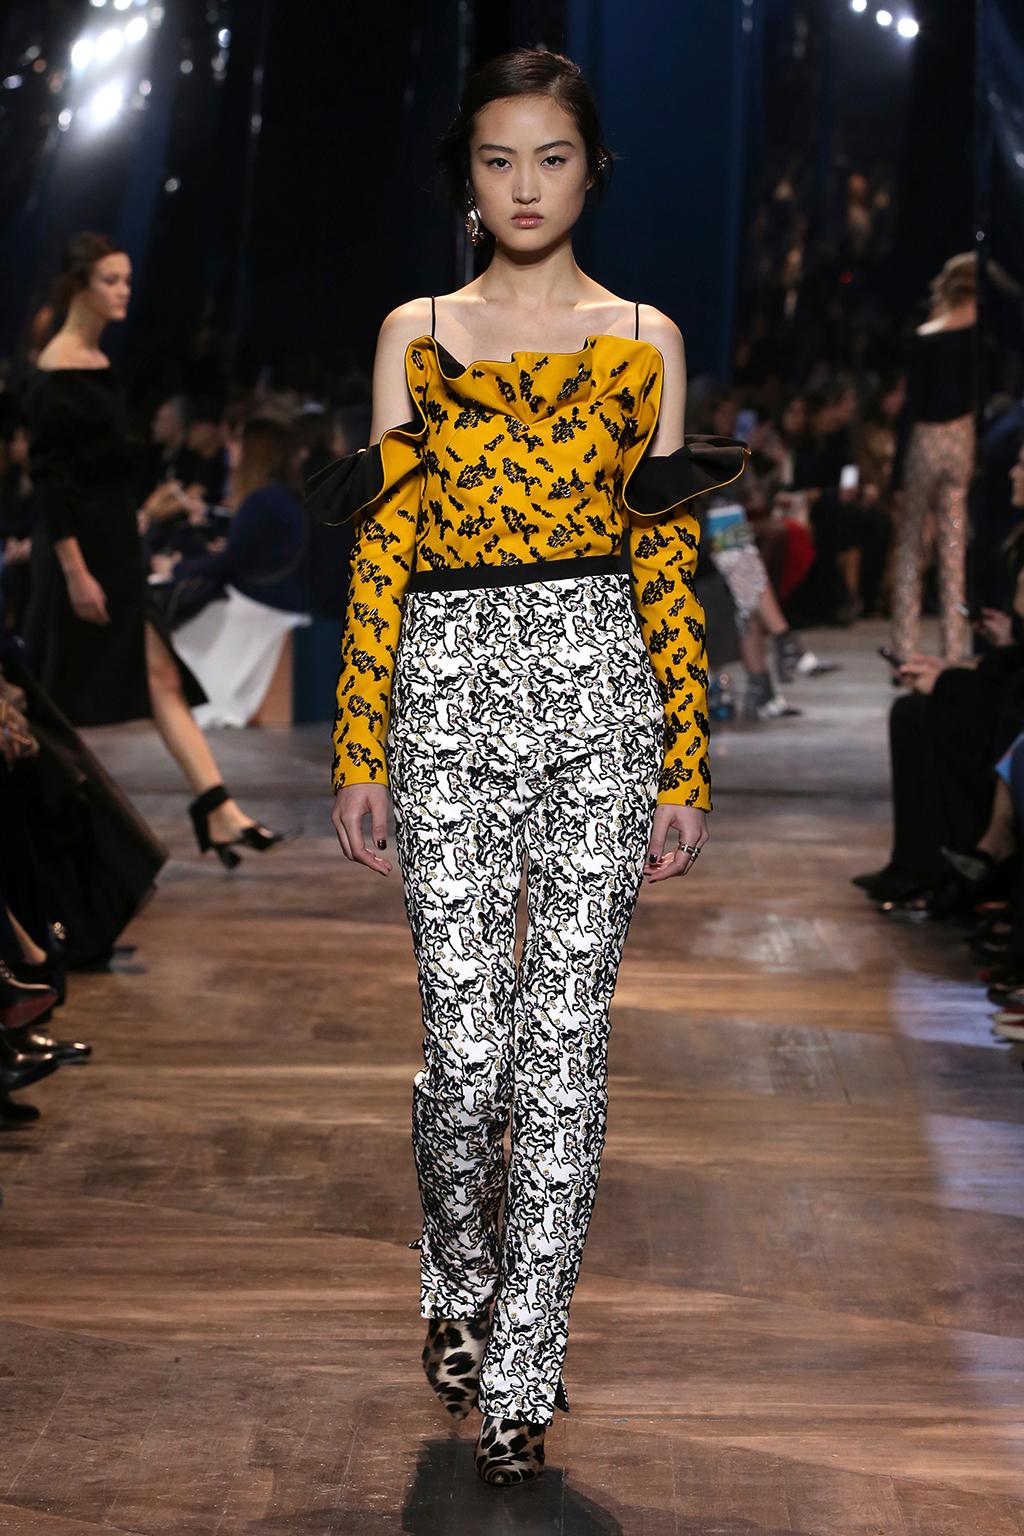 Dior-Couture-Silhouette-15